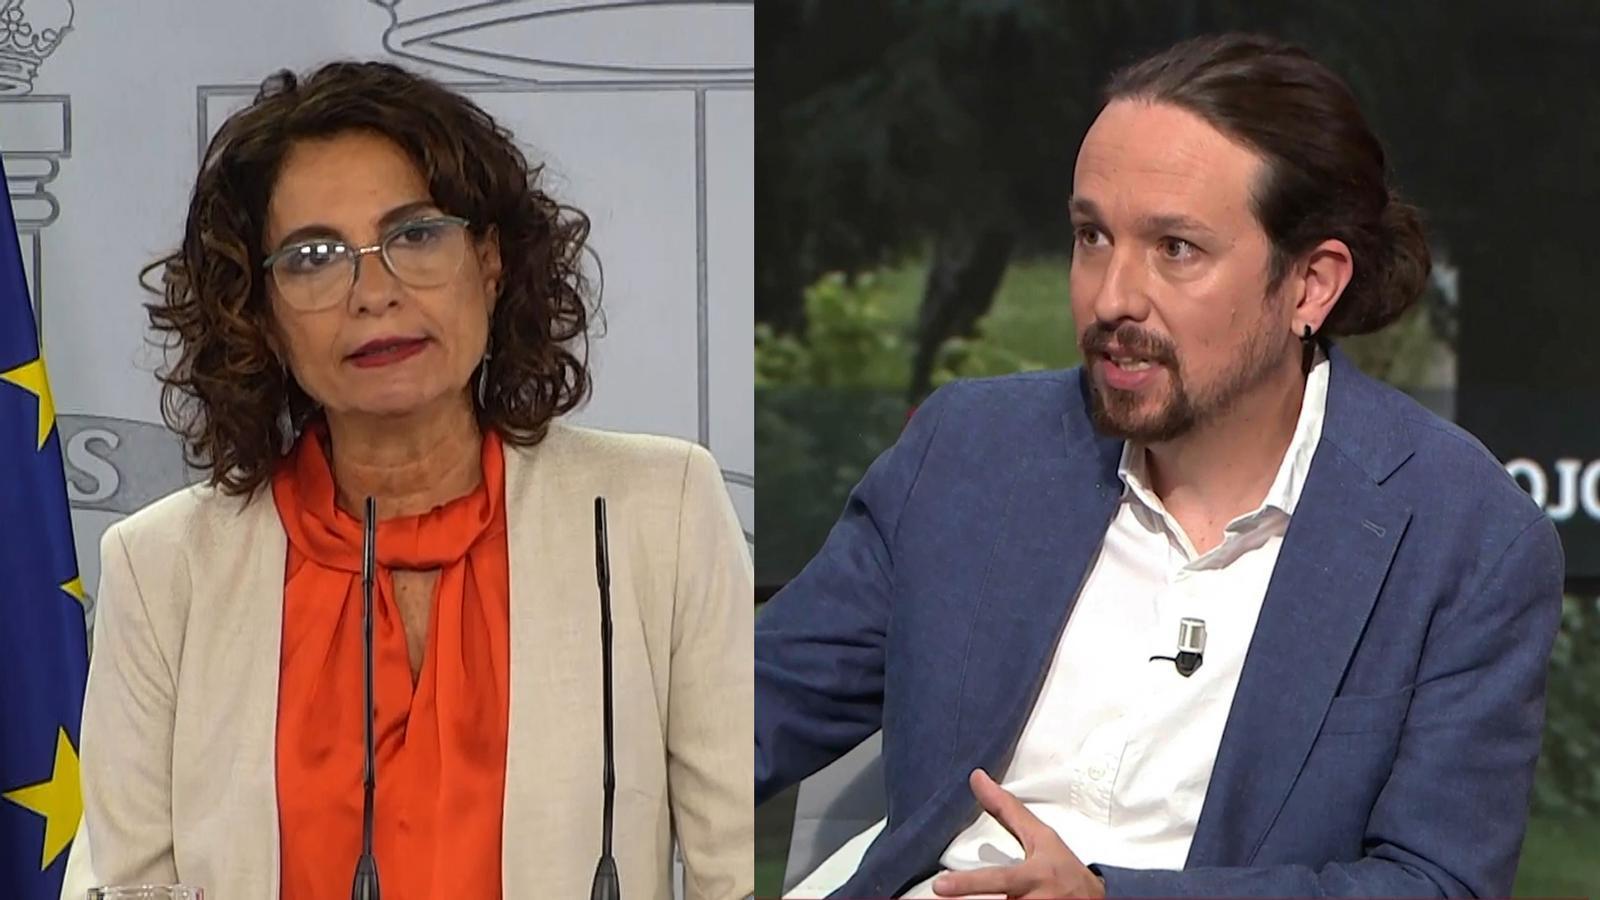 Iglesias corregeix la ministra d'Hisenda sobre les baixes dels pares, Junqueras refusa la confrontació amb l'Estat en les actuals condicions, i acaba sense acord la primera reunió Barça-Messi :les claus del dia, amb Antoni Bassas (03/09/2020)